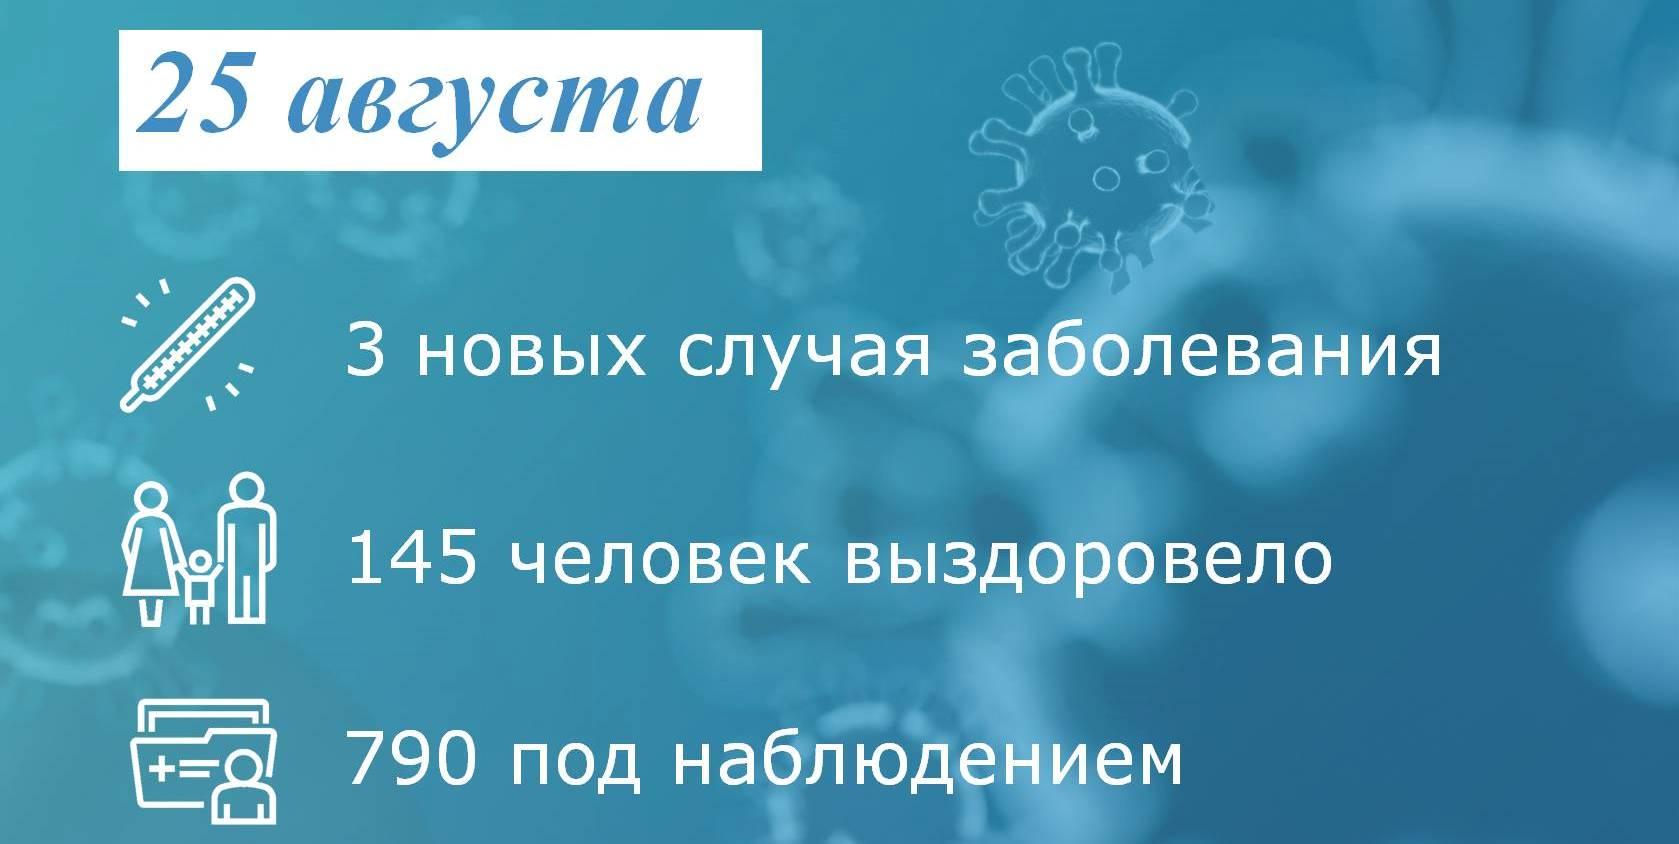 Коронавирус: в Таганроге заболели три человека